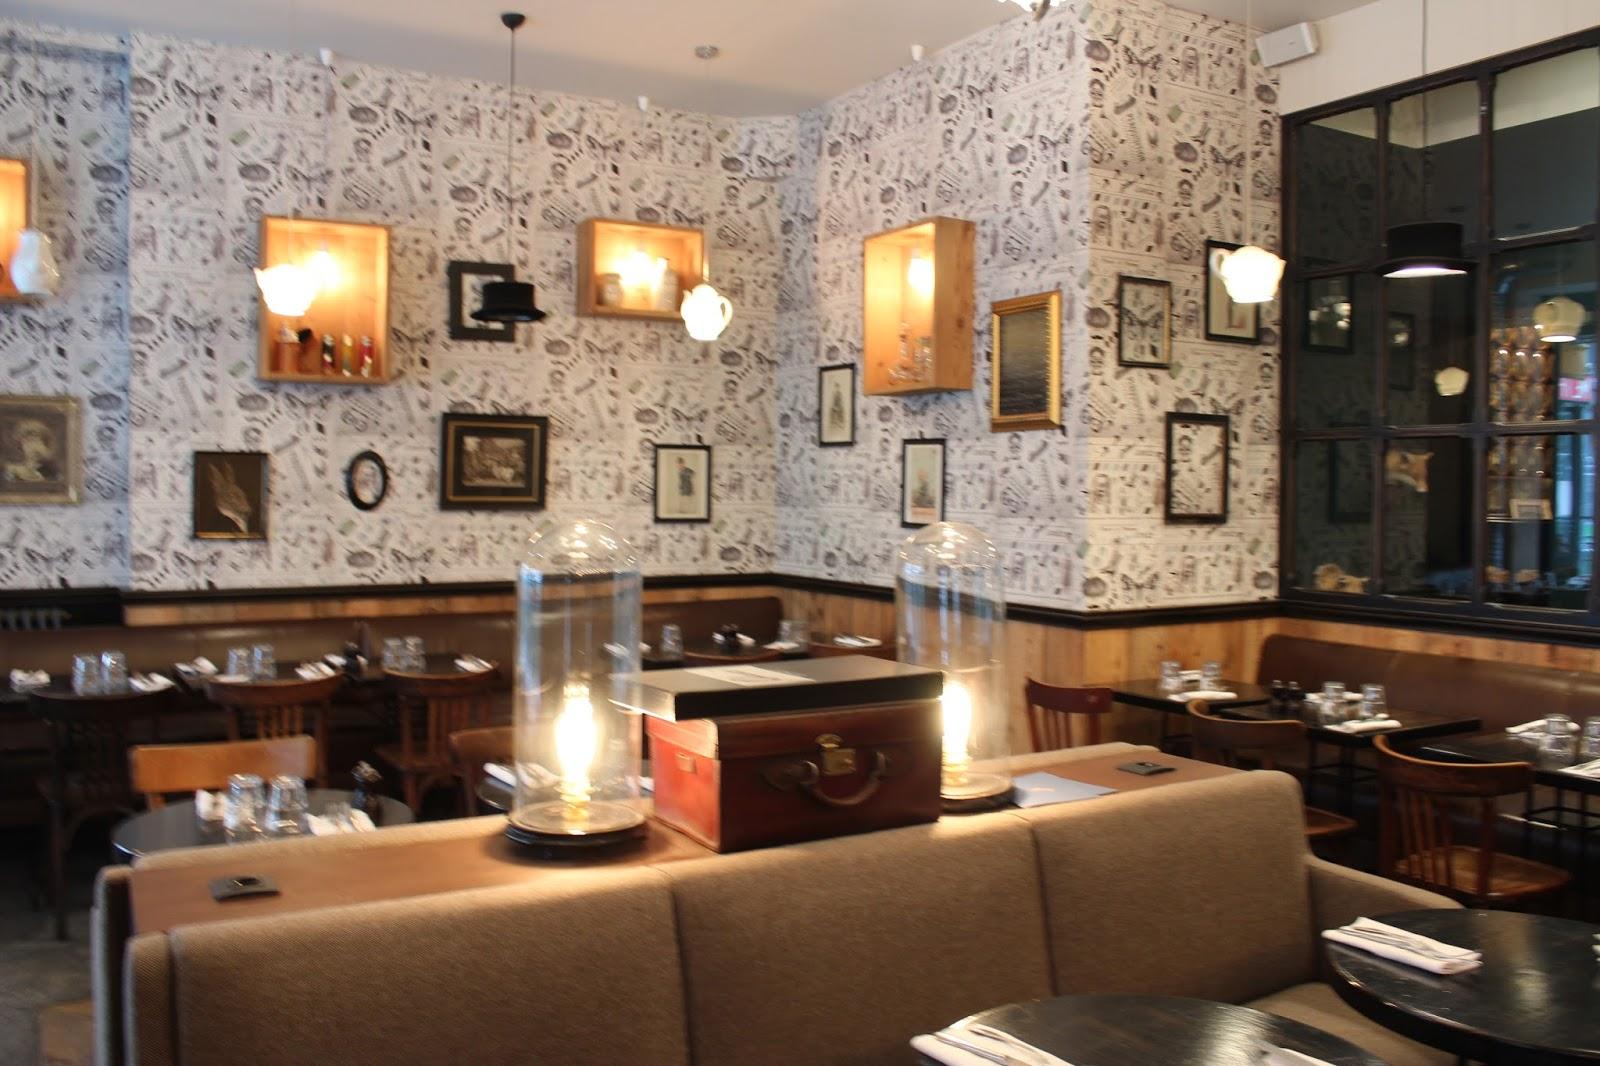 Un Restaurant étonnant Le Colonel Moutarde Décoration British - Formation decorateur interieur avec petit fauteuil moutarde